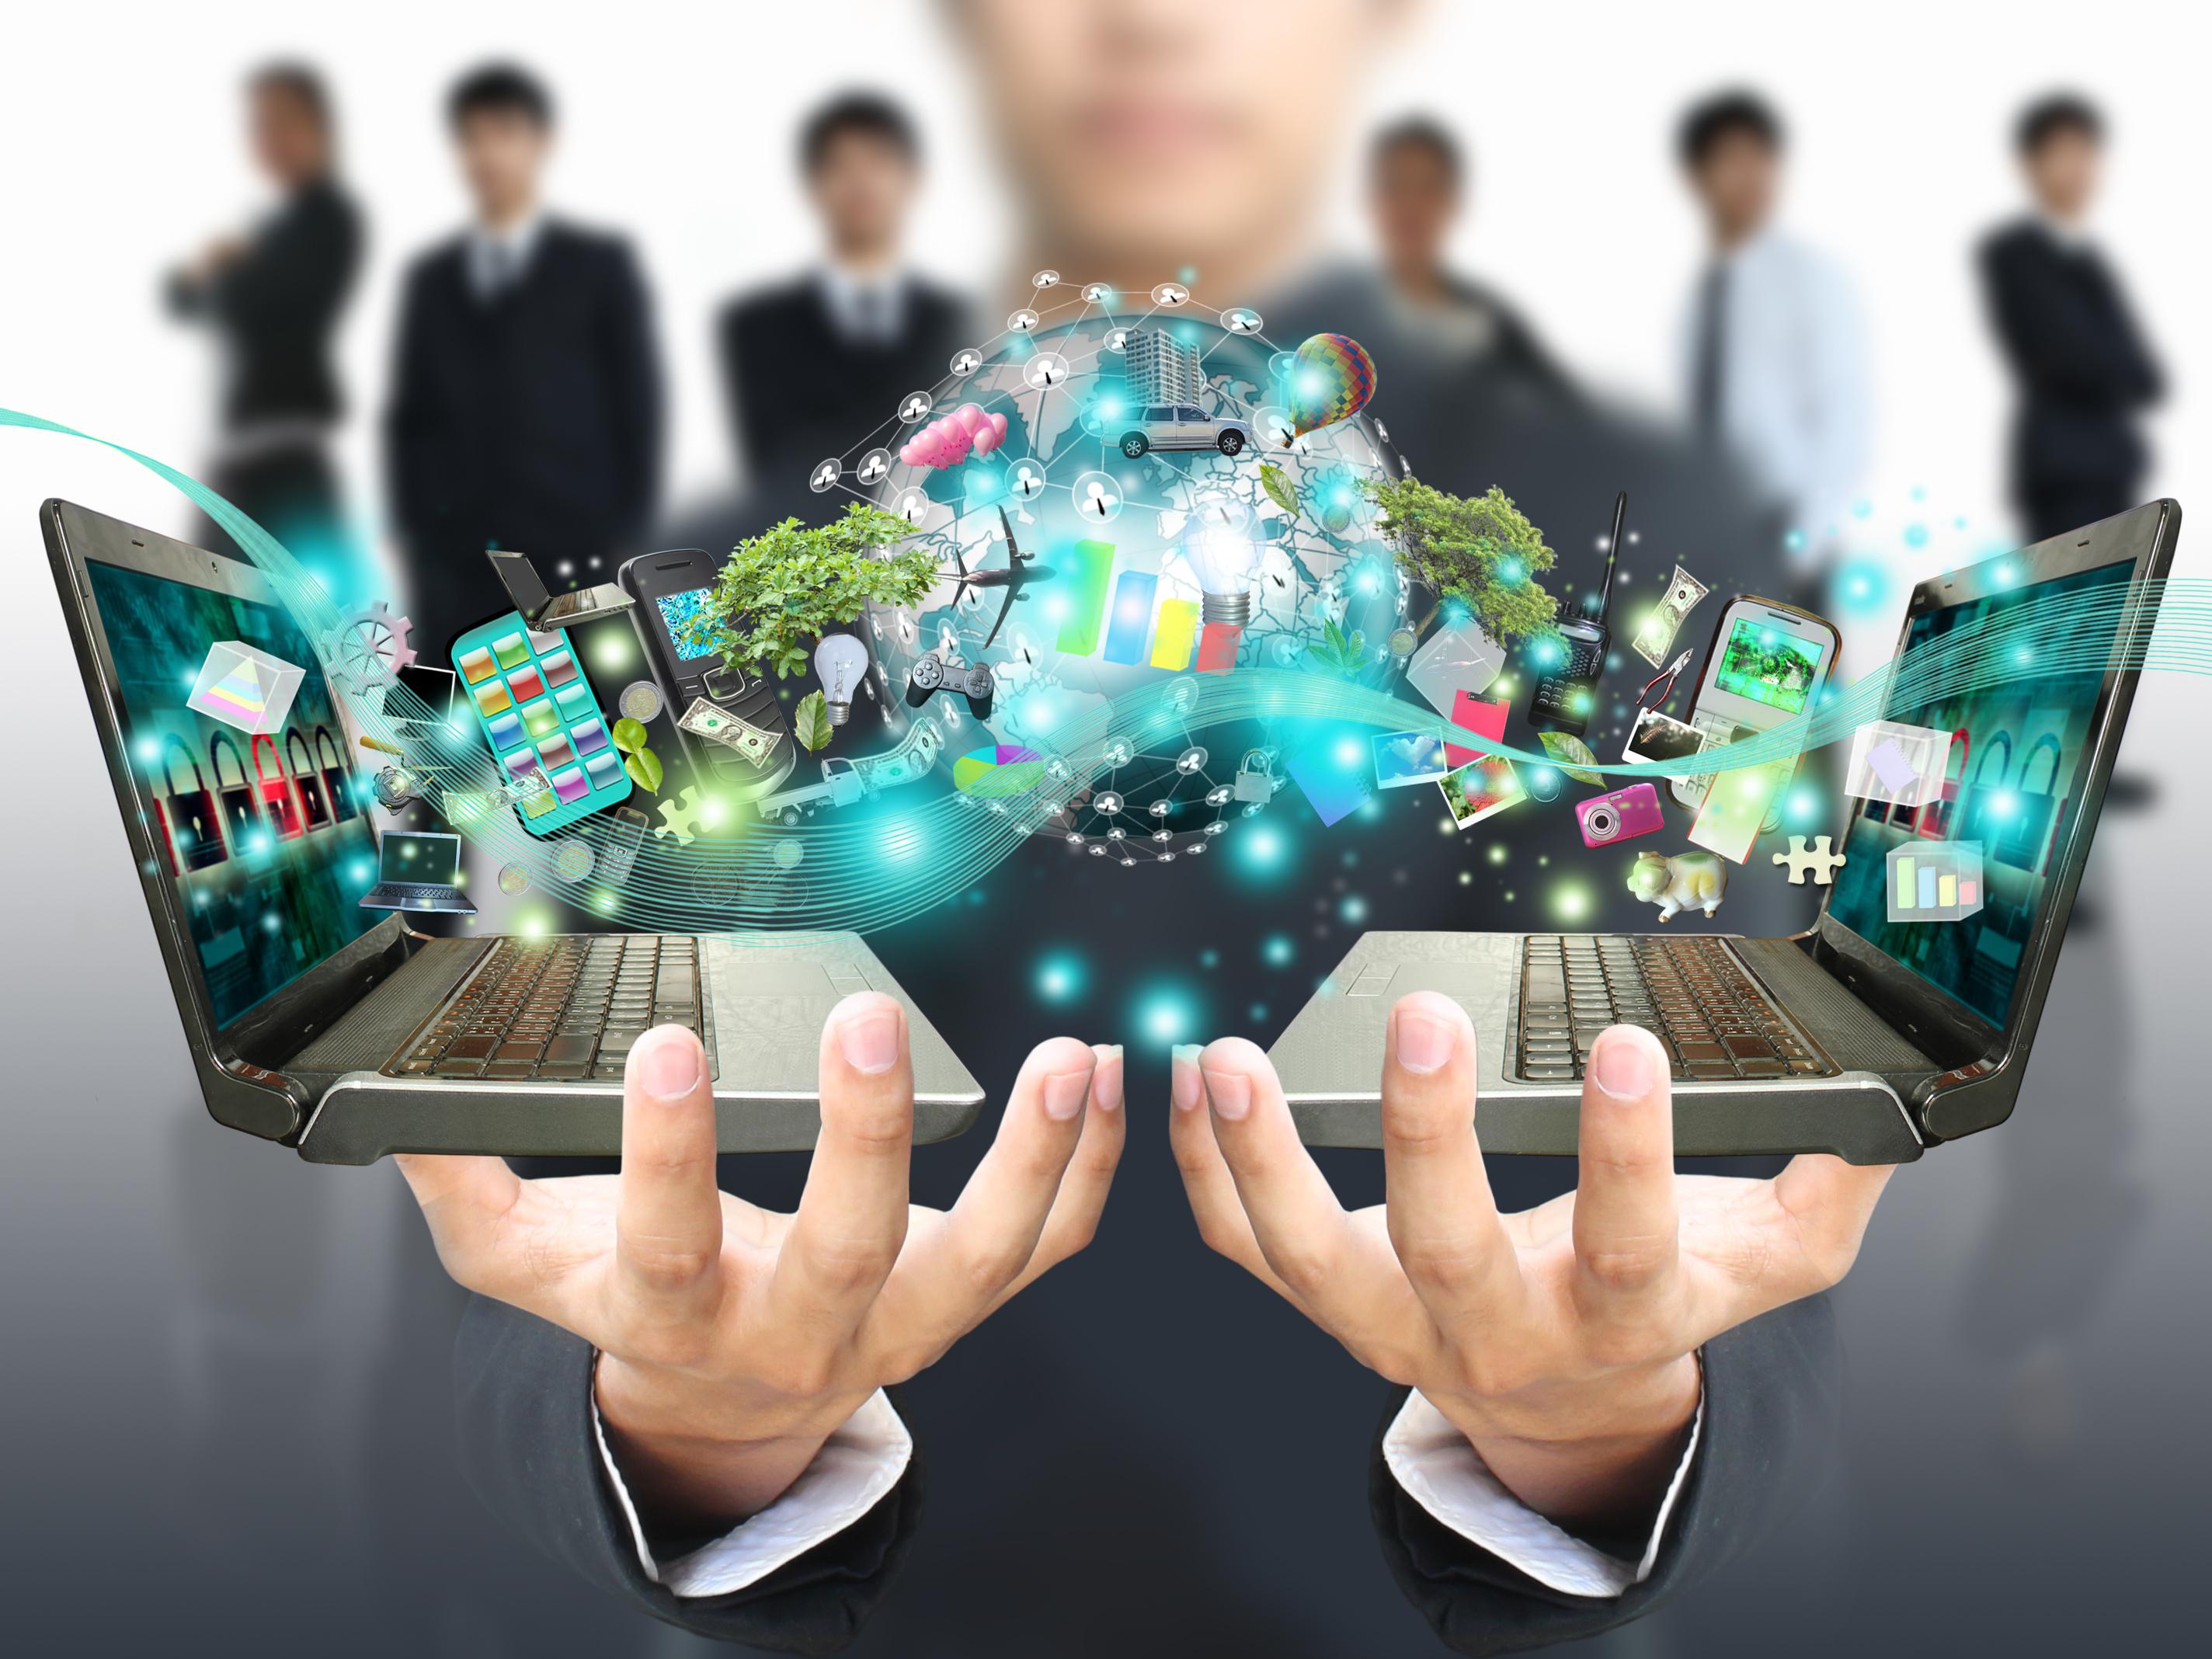 Оцифровка, цифровизация и цифровая трансформация: разбираем понятия